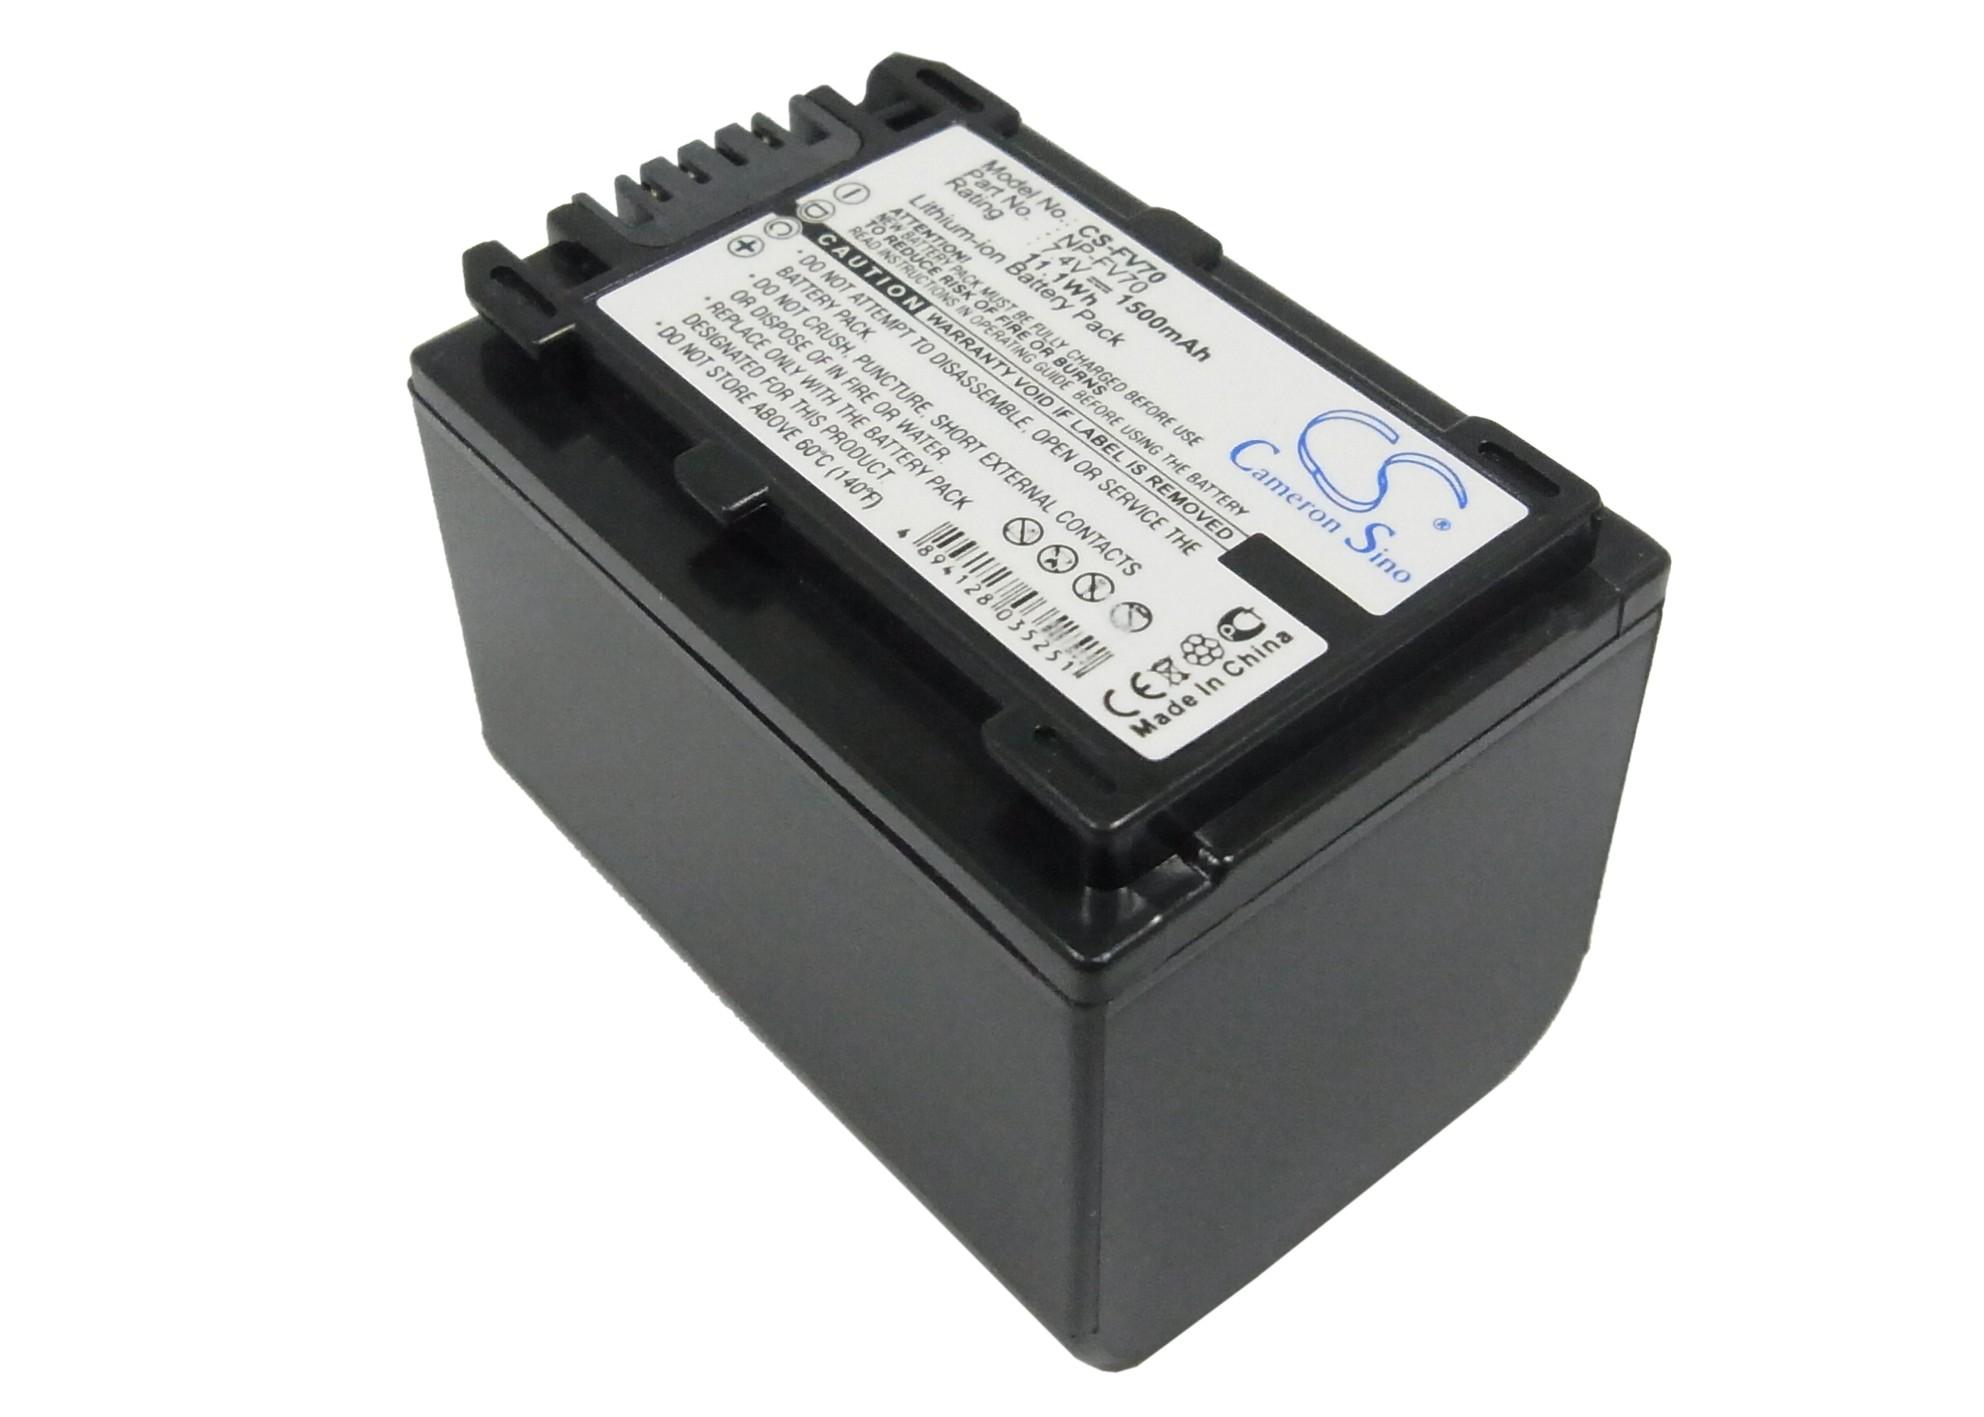 Cameron Sino baterie do kamer a fotoaparátů pro SONY HDR-PJ50E 7.4V Li-ion 1500mAh černá - neoriginální